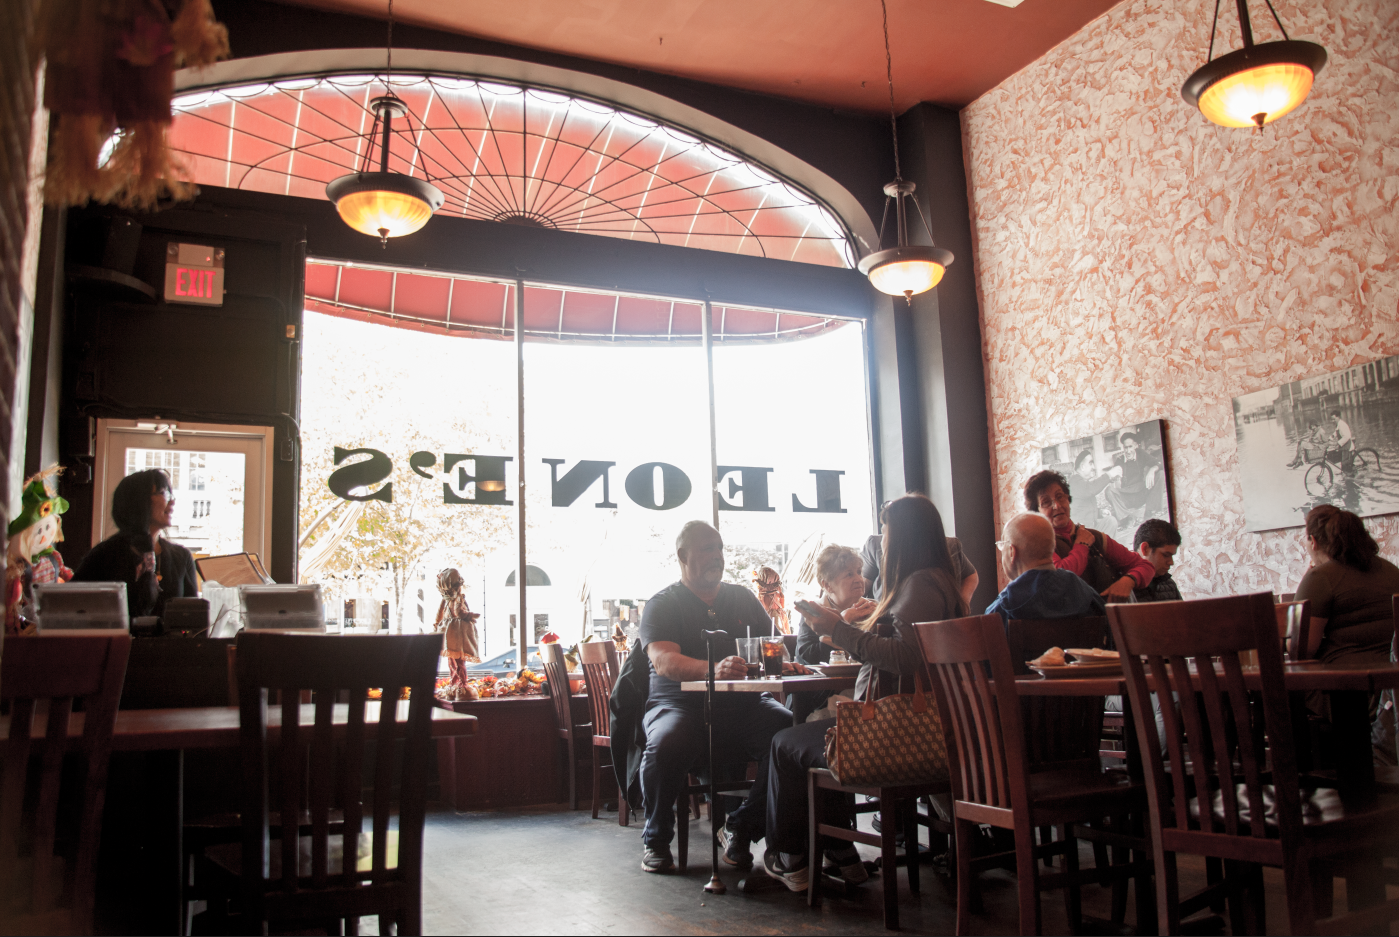 Leone S Pizzeria Restaurant Catering Montclair Nj Italian Resturant